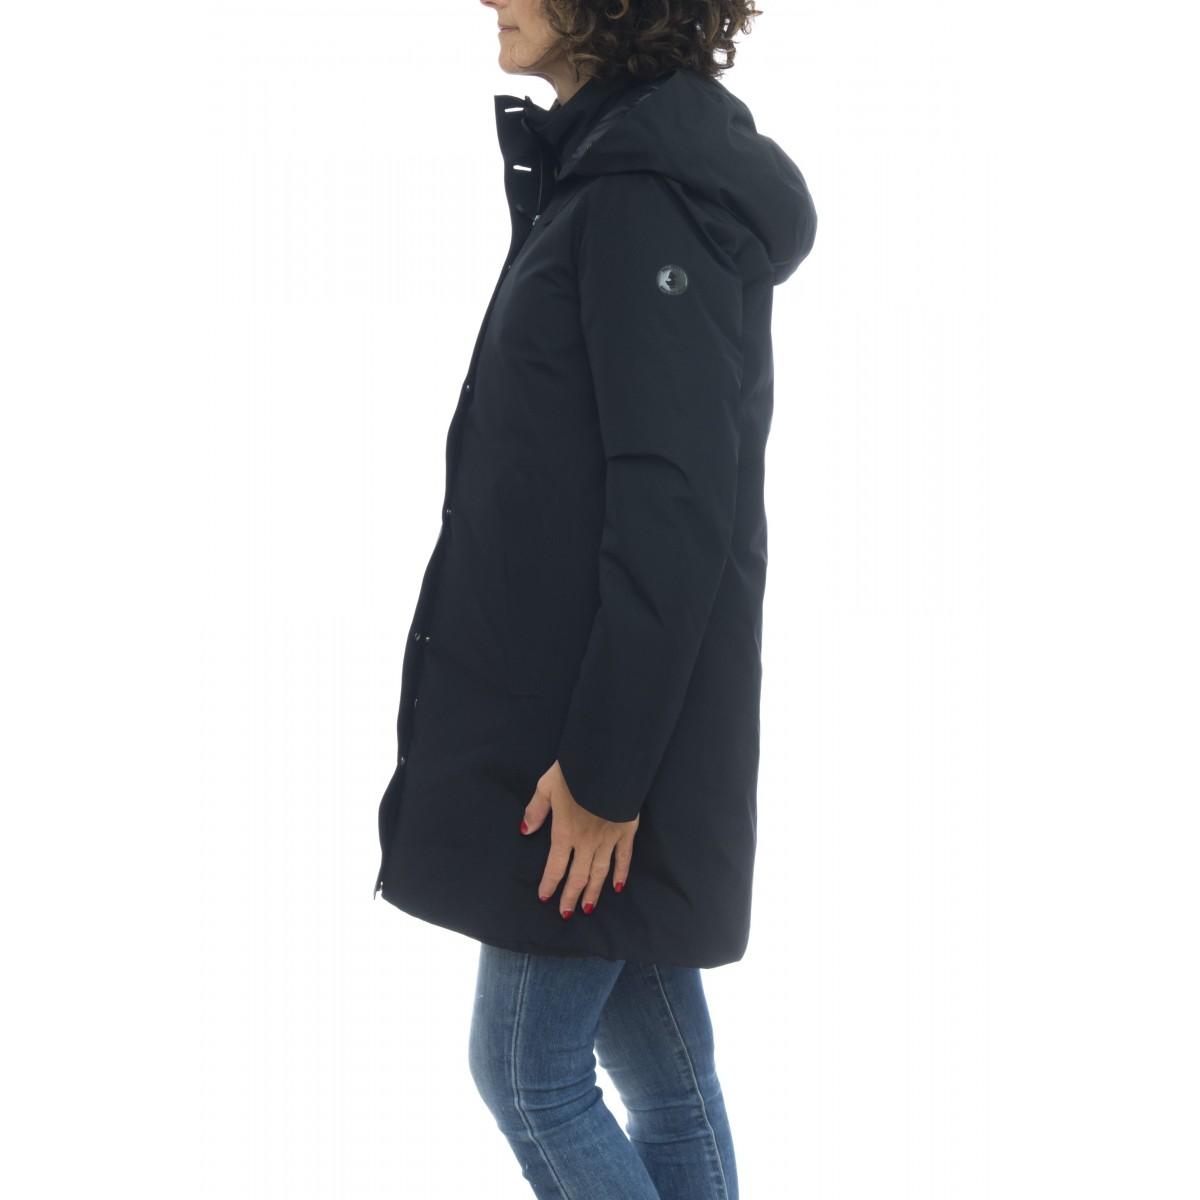 Piumino - D4554w hero9 cappotto gore tex